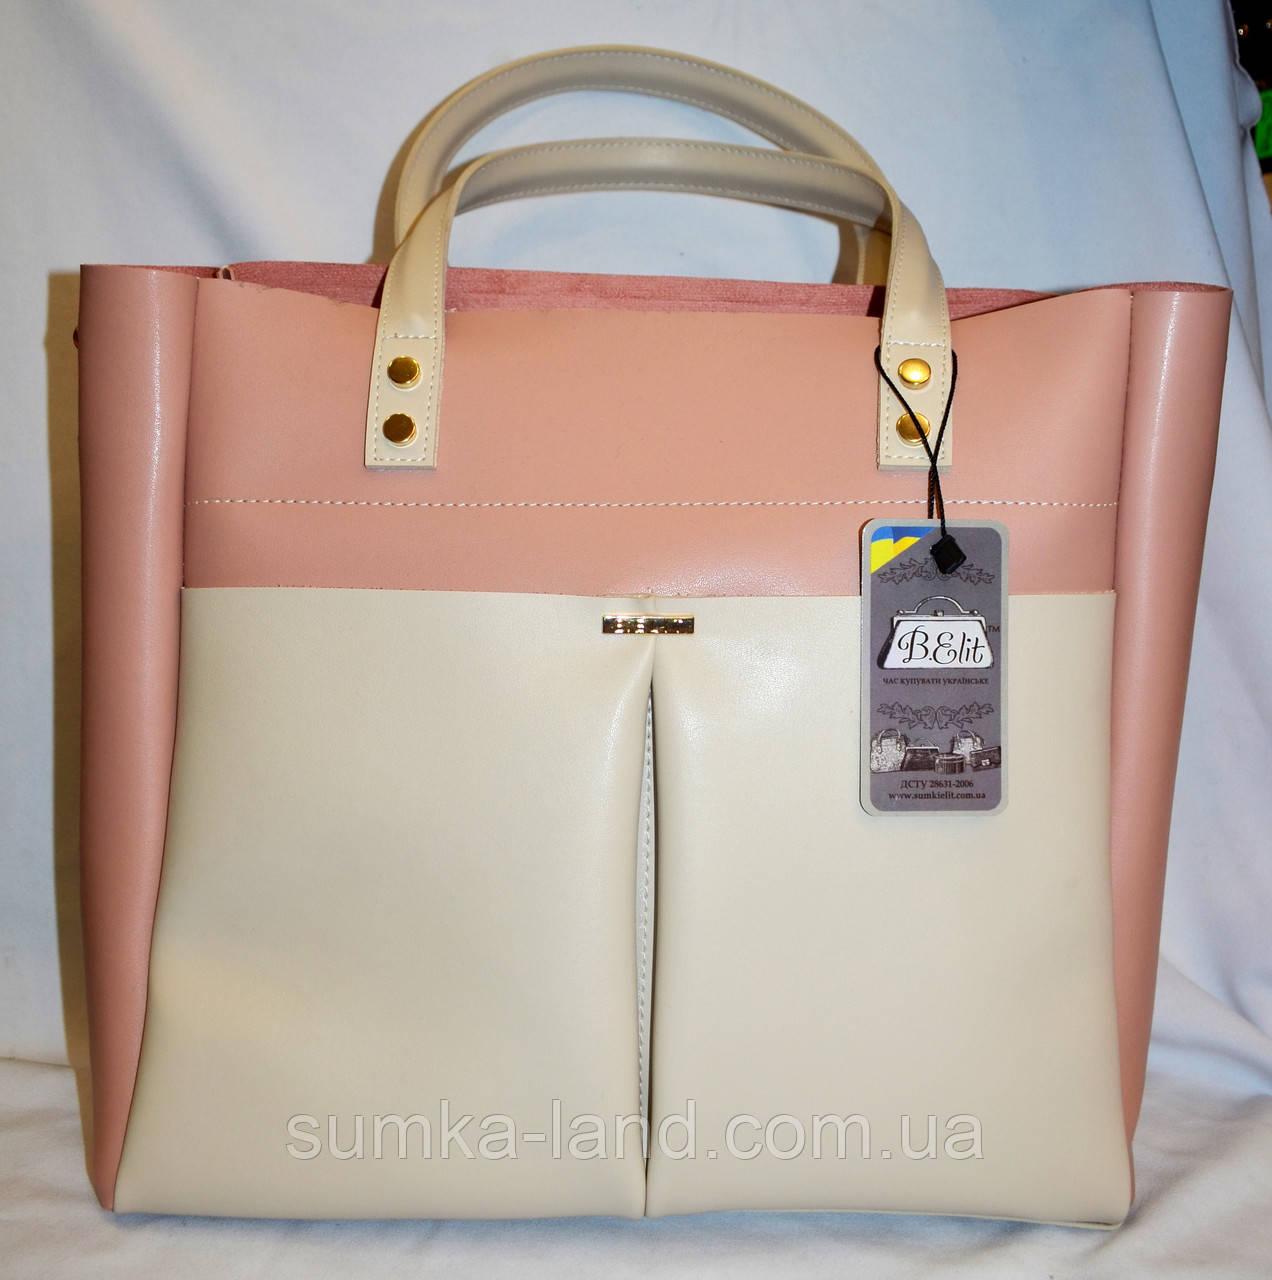 3e9dc24b808f Женская пудровая с бежевым карманом сумка B Elit из эко-кожи с длинной  ручкой 35 30 см